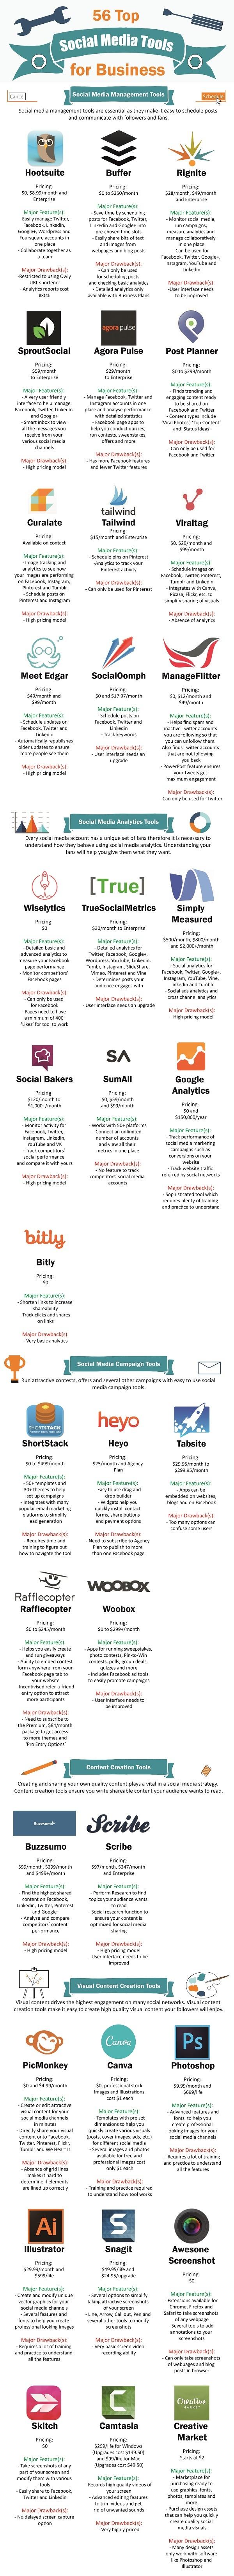 en_iyi_sosyal_medya_araclari_infografik_1